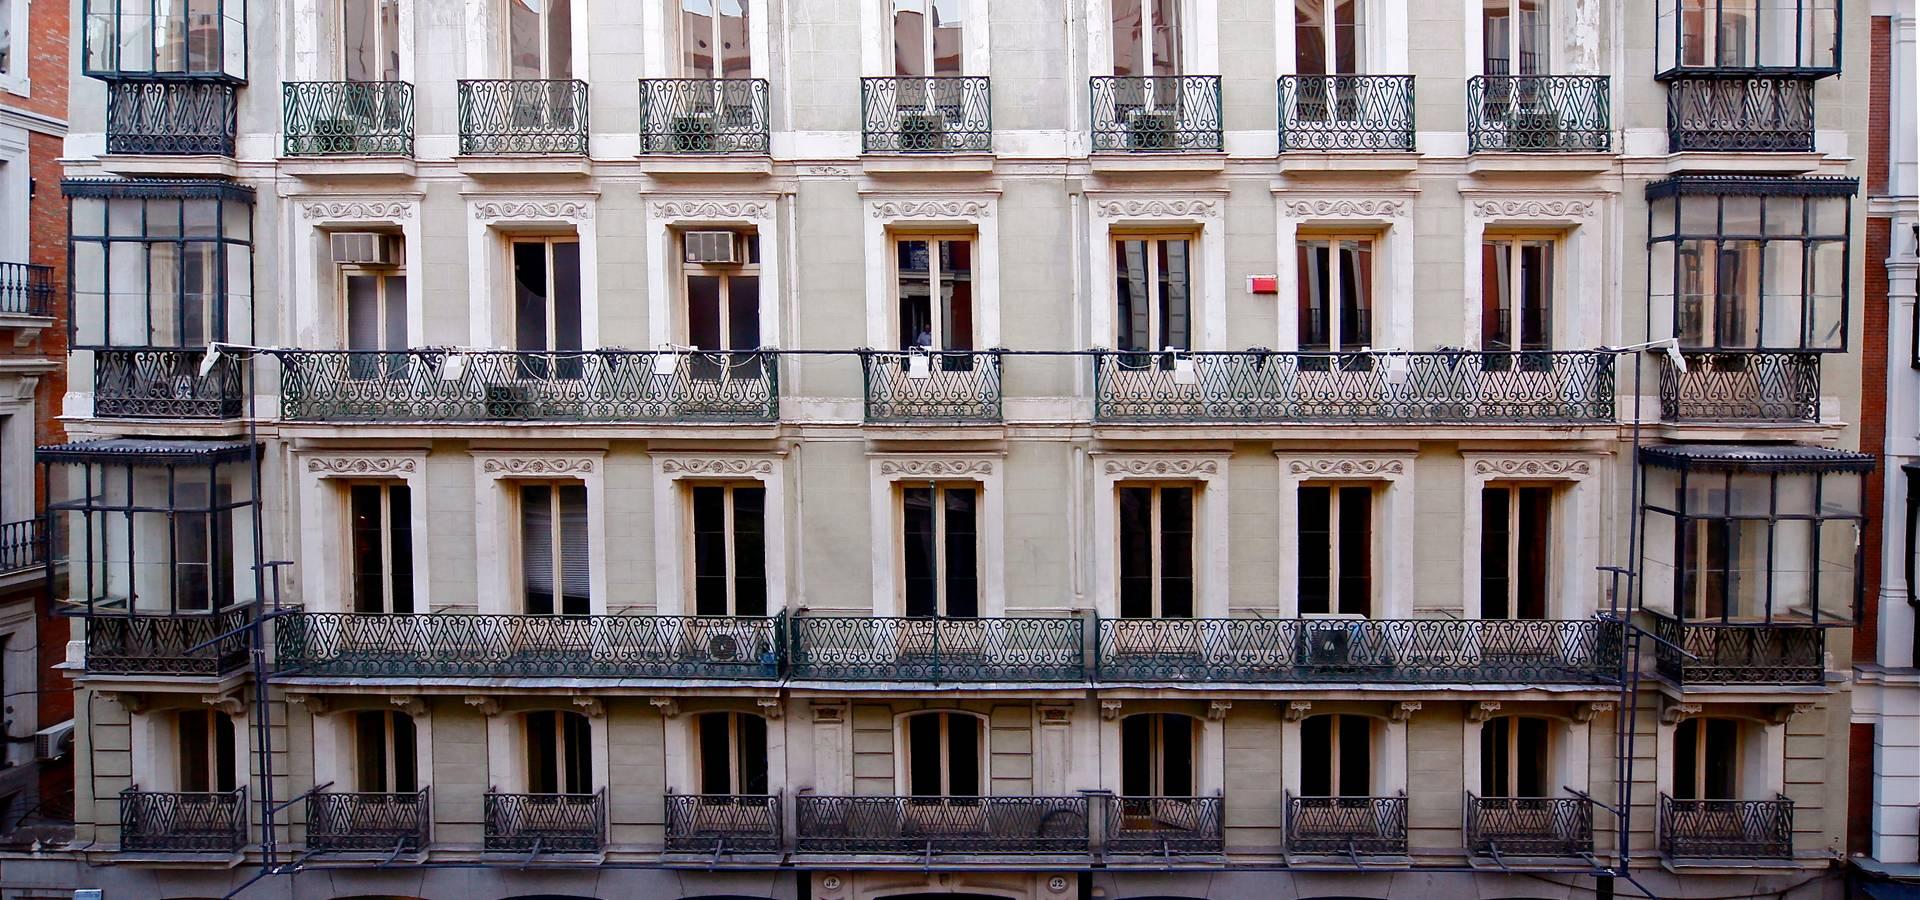 Parcela RU2B AR Nuevo Tres Cantos (Madrid) 12 viviendas ...